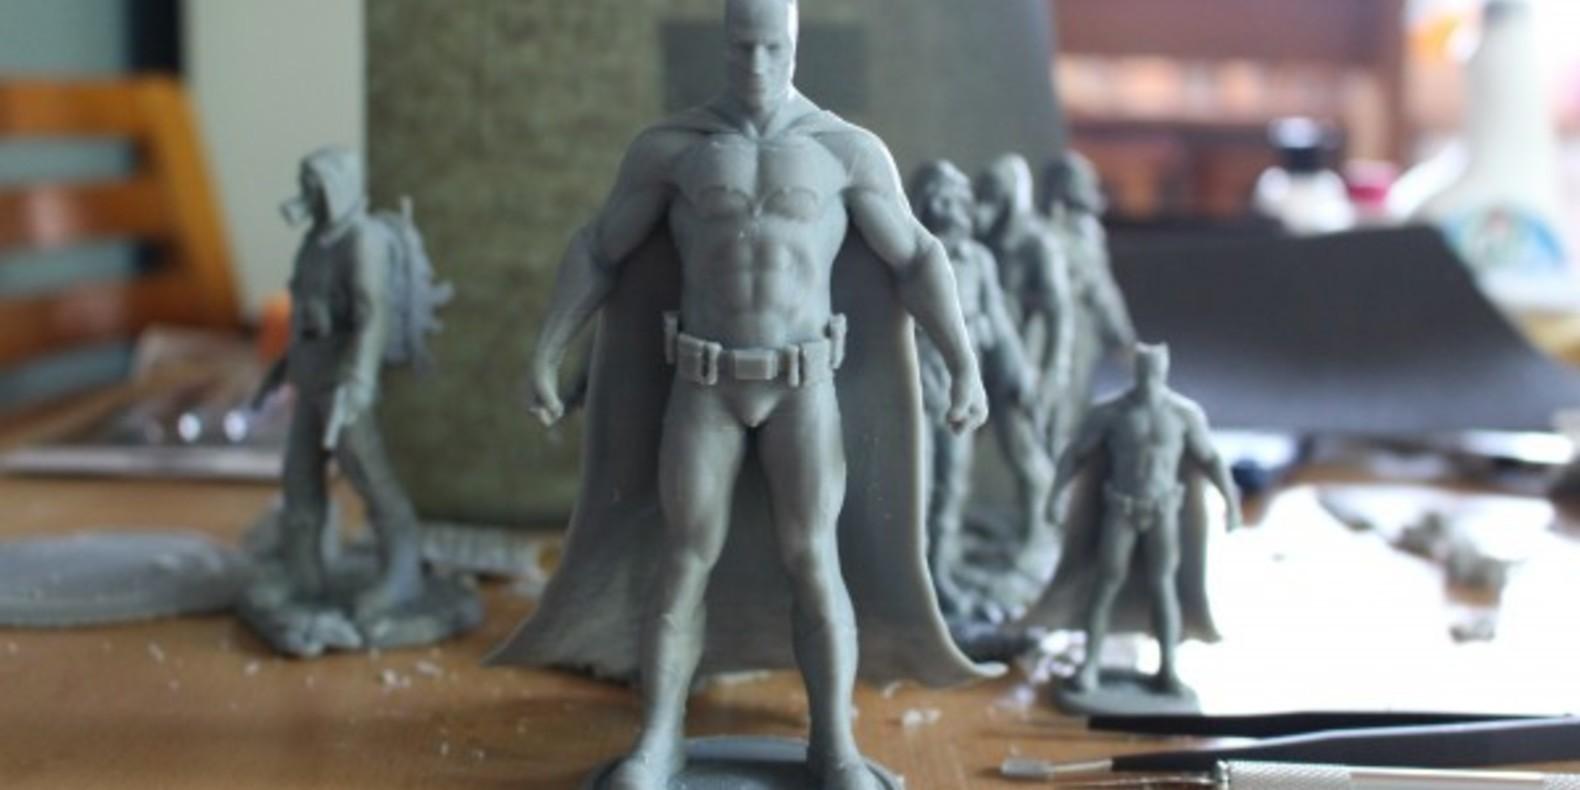 http://fichier3d.fr/wp-content/uploads/2016/02/Batman-vs-superman-ben-affleck-figurine-imprimée-en-3D-statuette-figure-tutus-cults-stl-fichier-3D-5.jpg